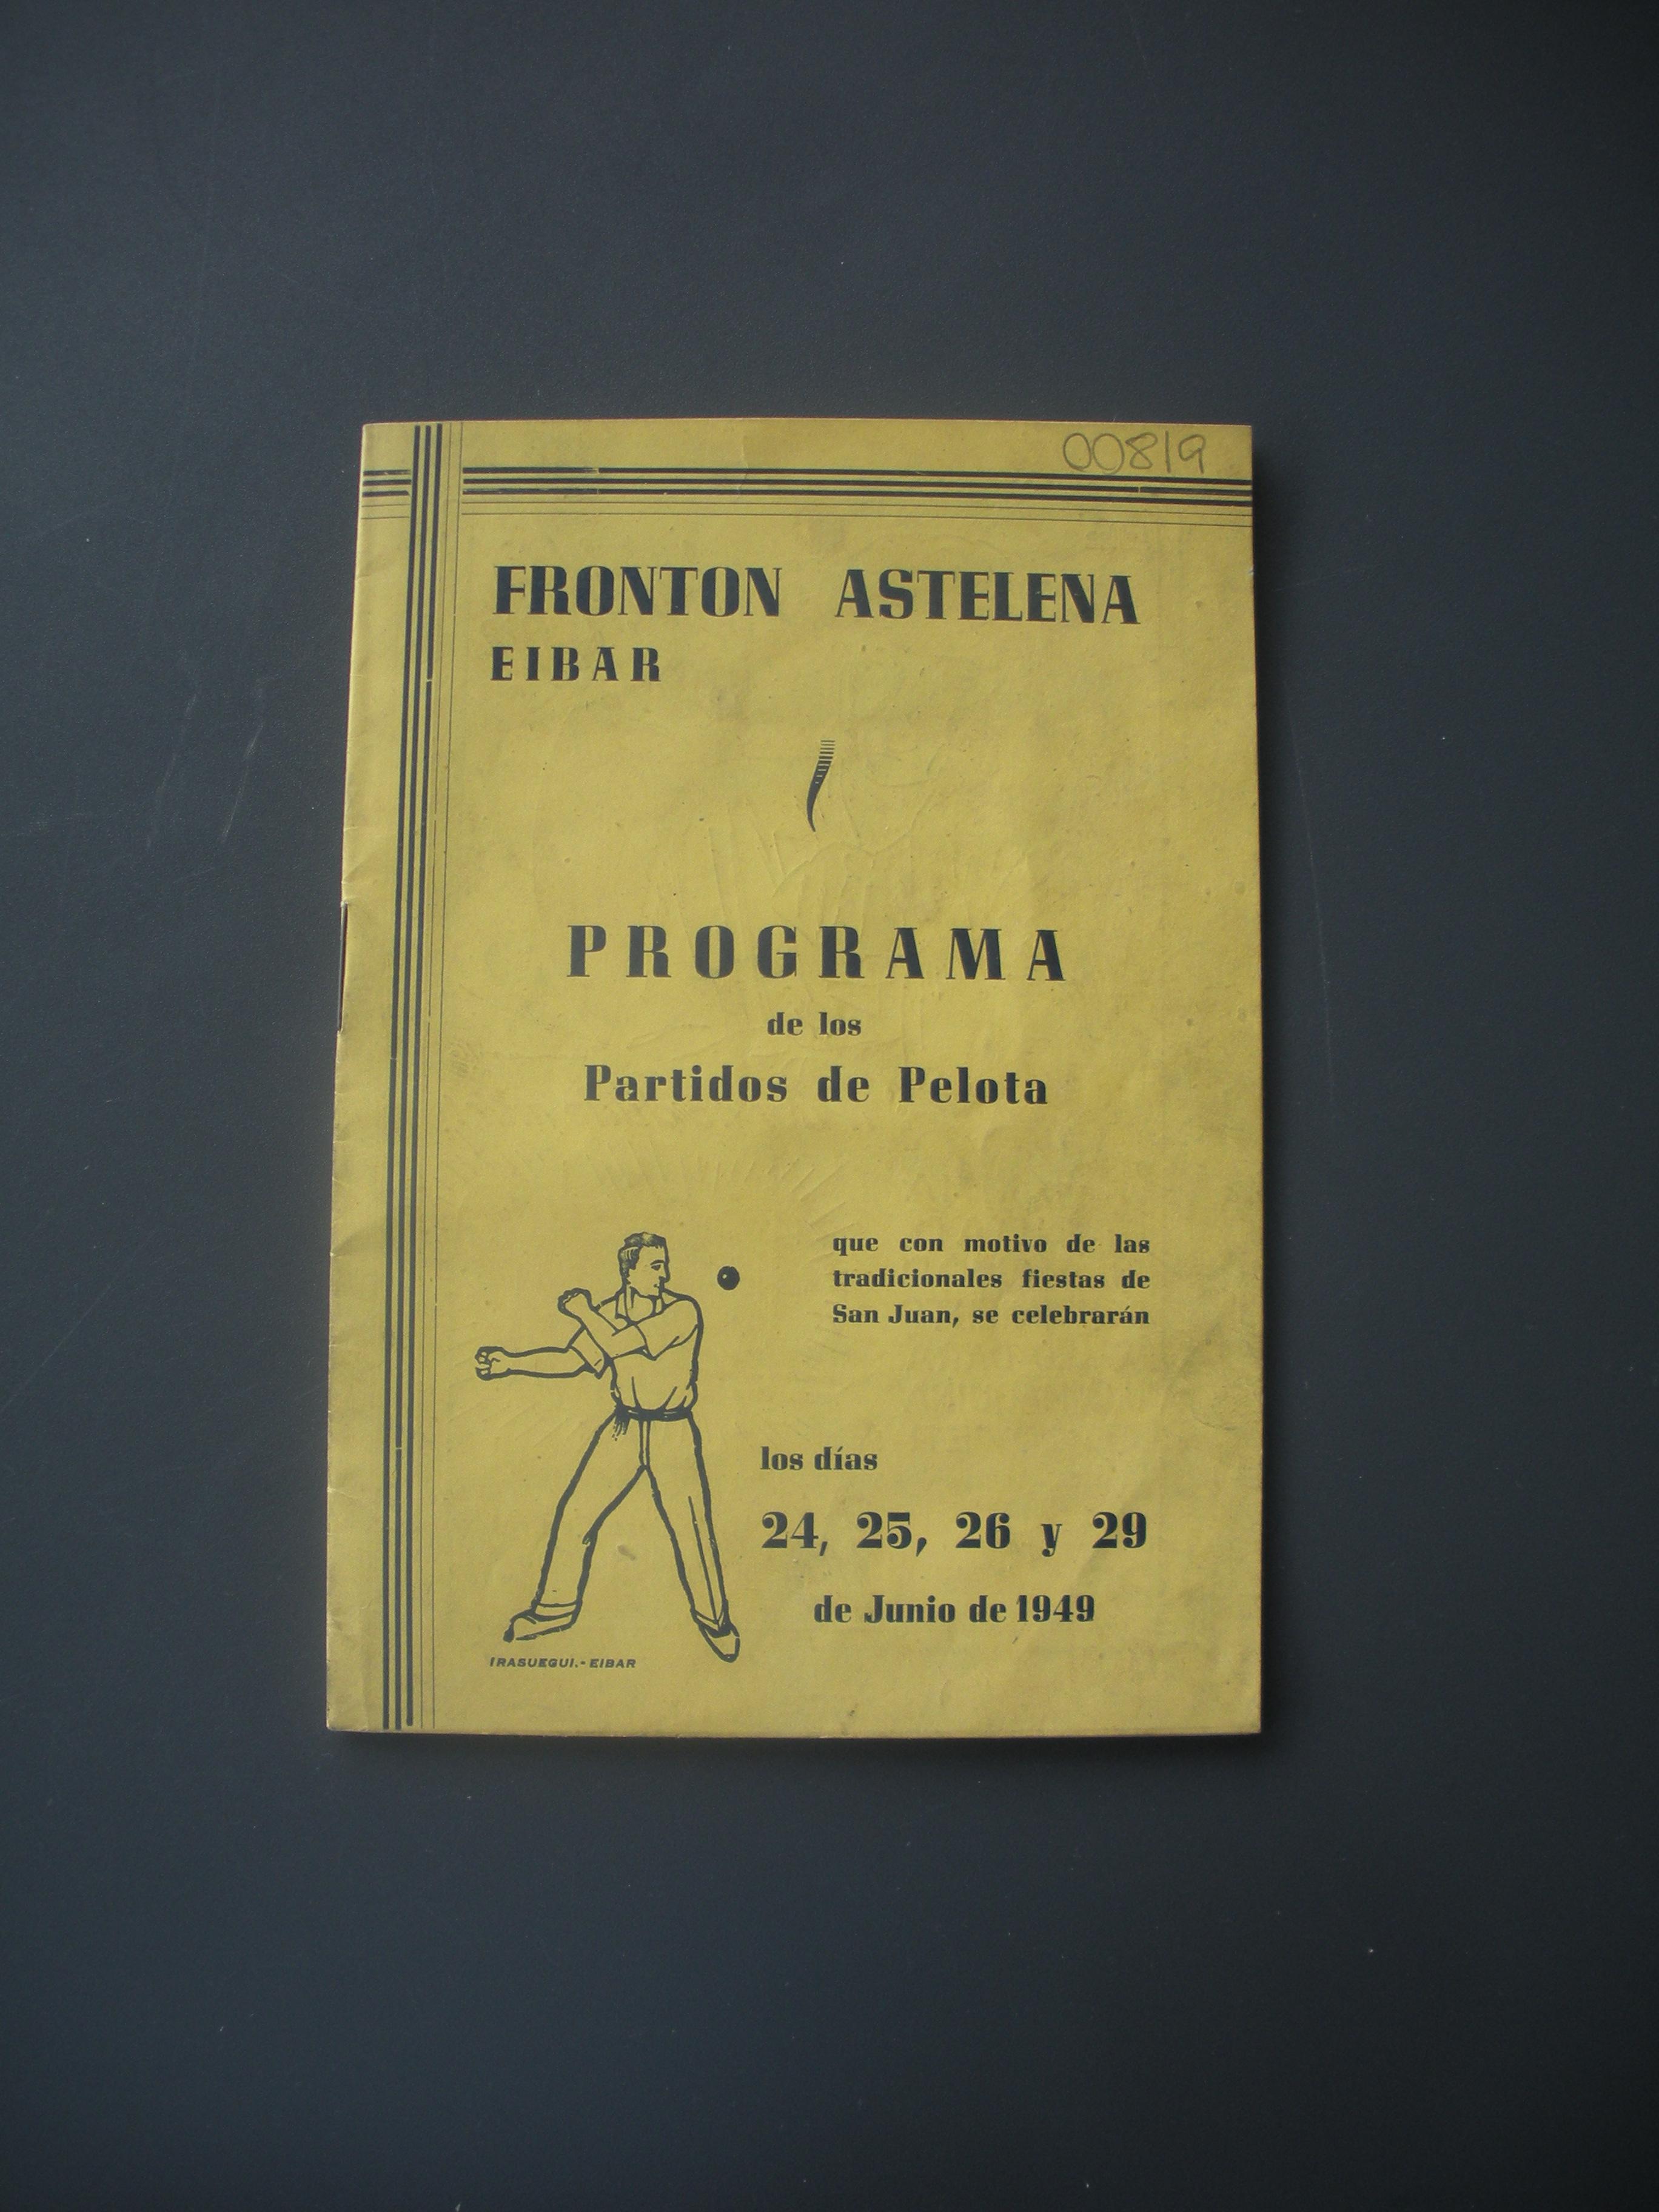 PROGRAMA DE PARTIDOS DE PELOTA DEL FRONTÓN ASTELENA